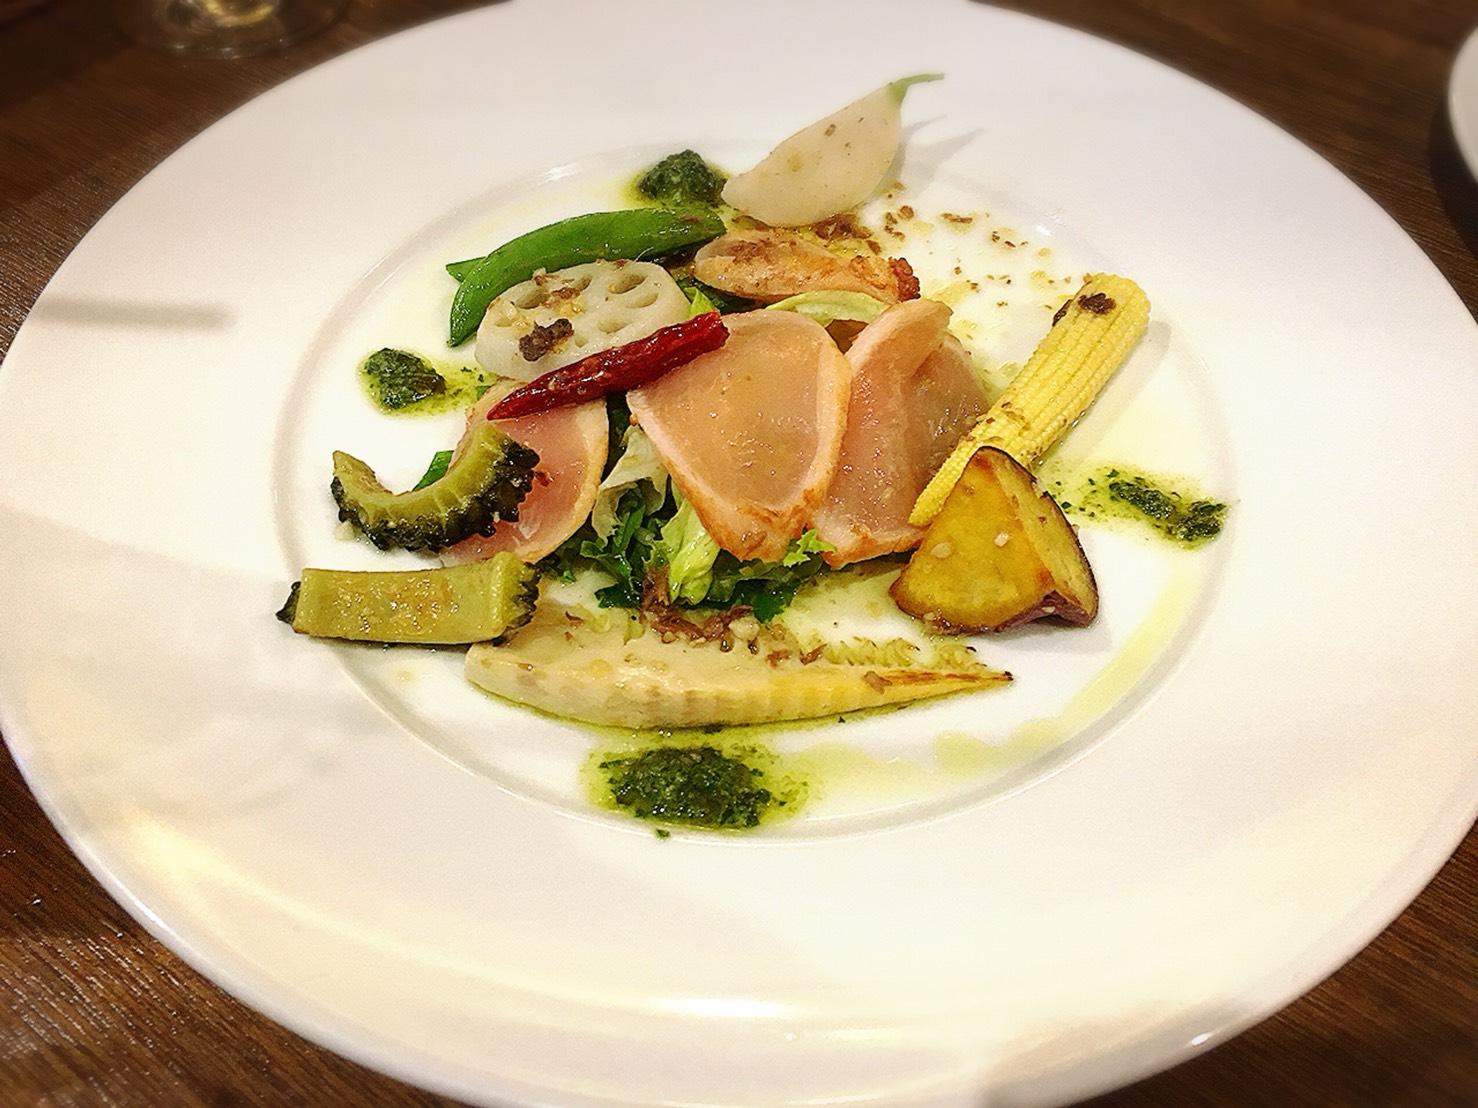 【池袋駅】おっとり系イタリアン「トラットリア・コン・アマーレ」の大山鶏と彩り野菜の温製